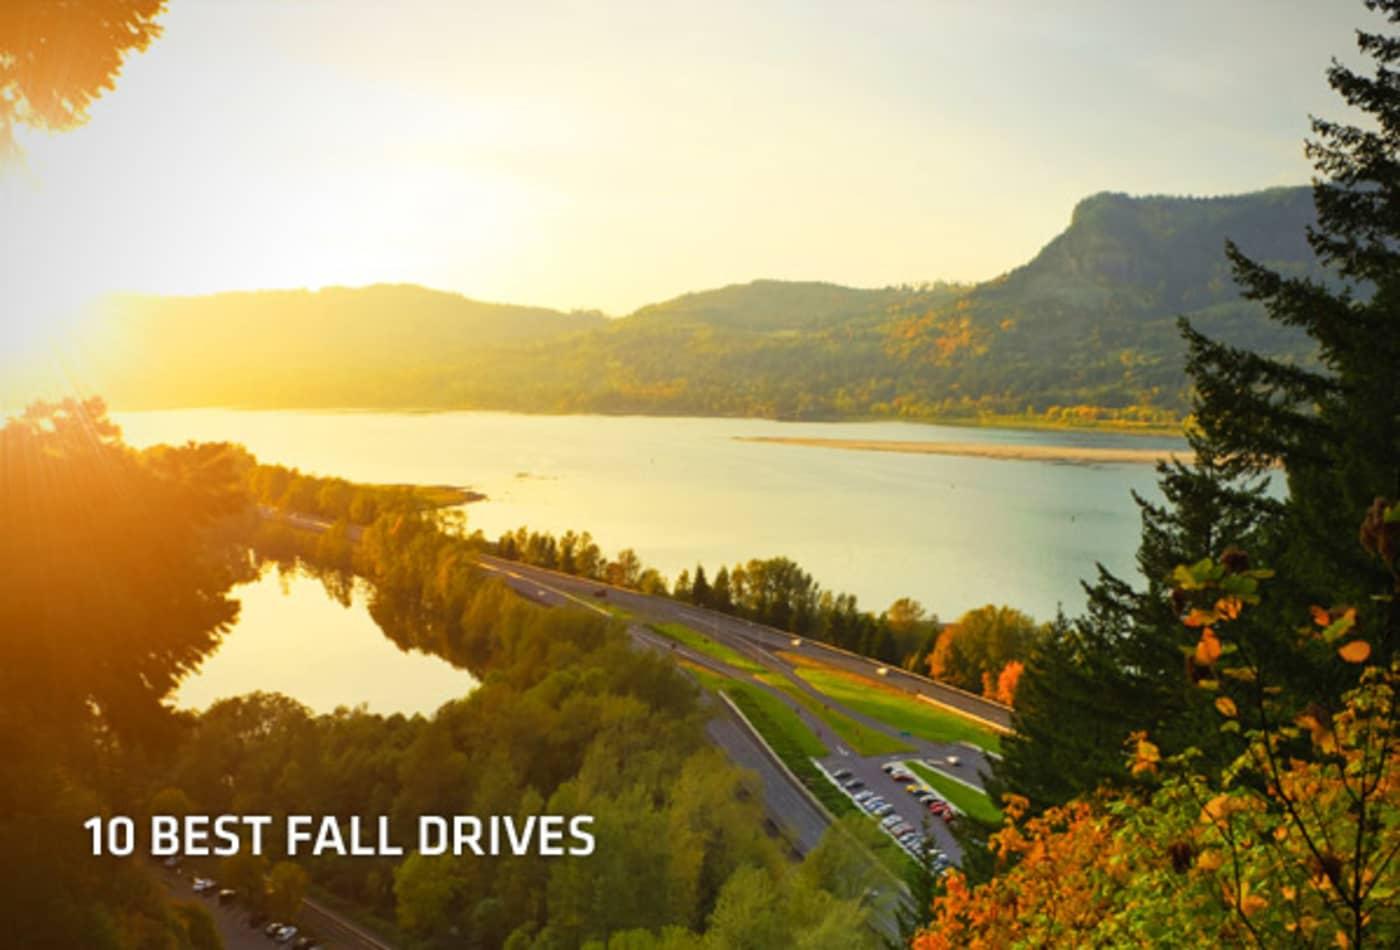 SS_10_Best_Fall_Drives.jpg